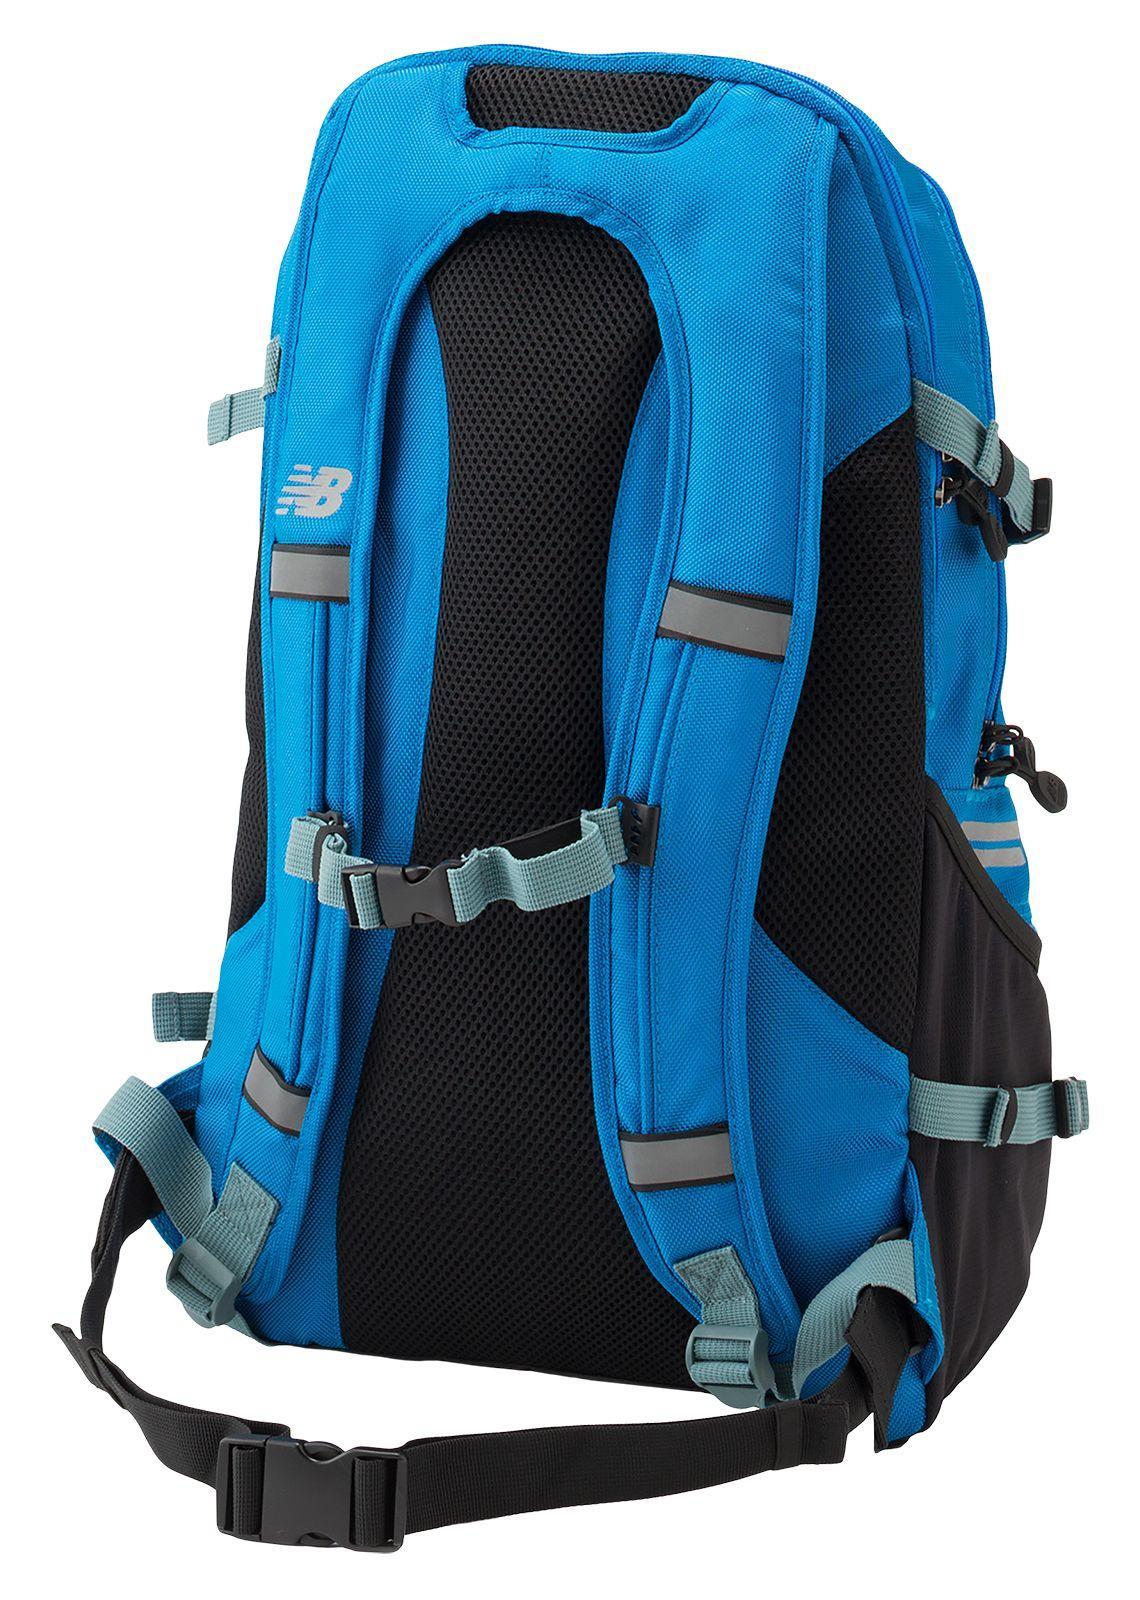 Lyst - New Balance Commuter Backpack V2 in Blue for Men 93e9b76ac4095